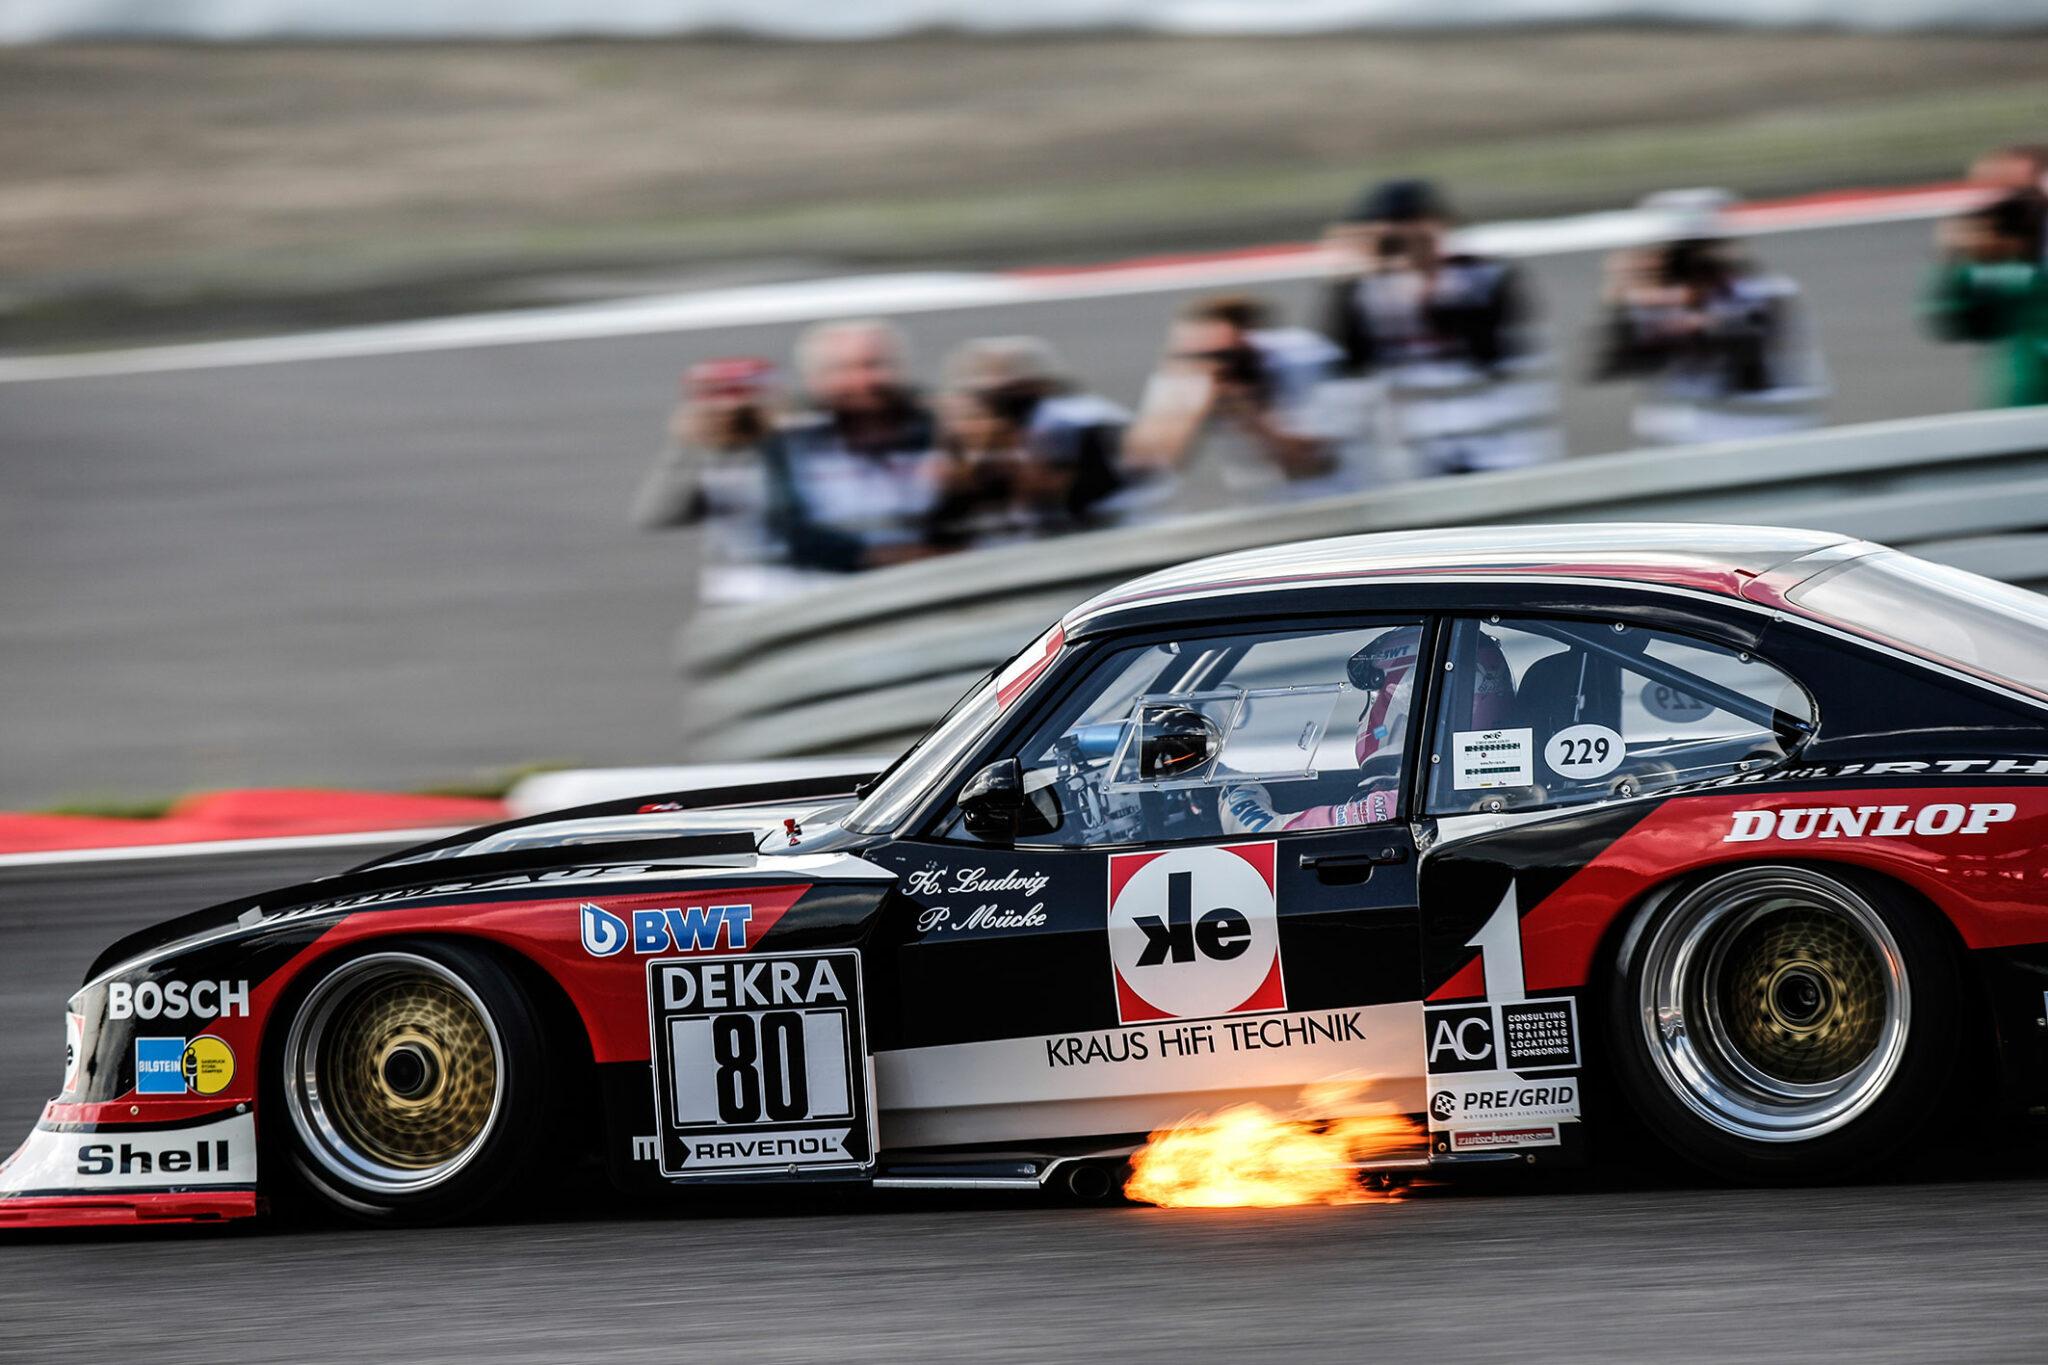 41. AvD Oldtimer Grand Prix 2013 - Oldtimerevents.de